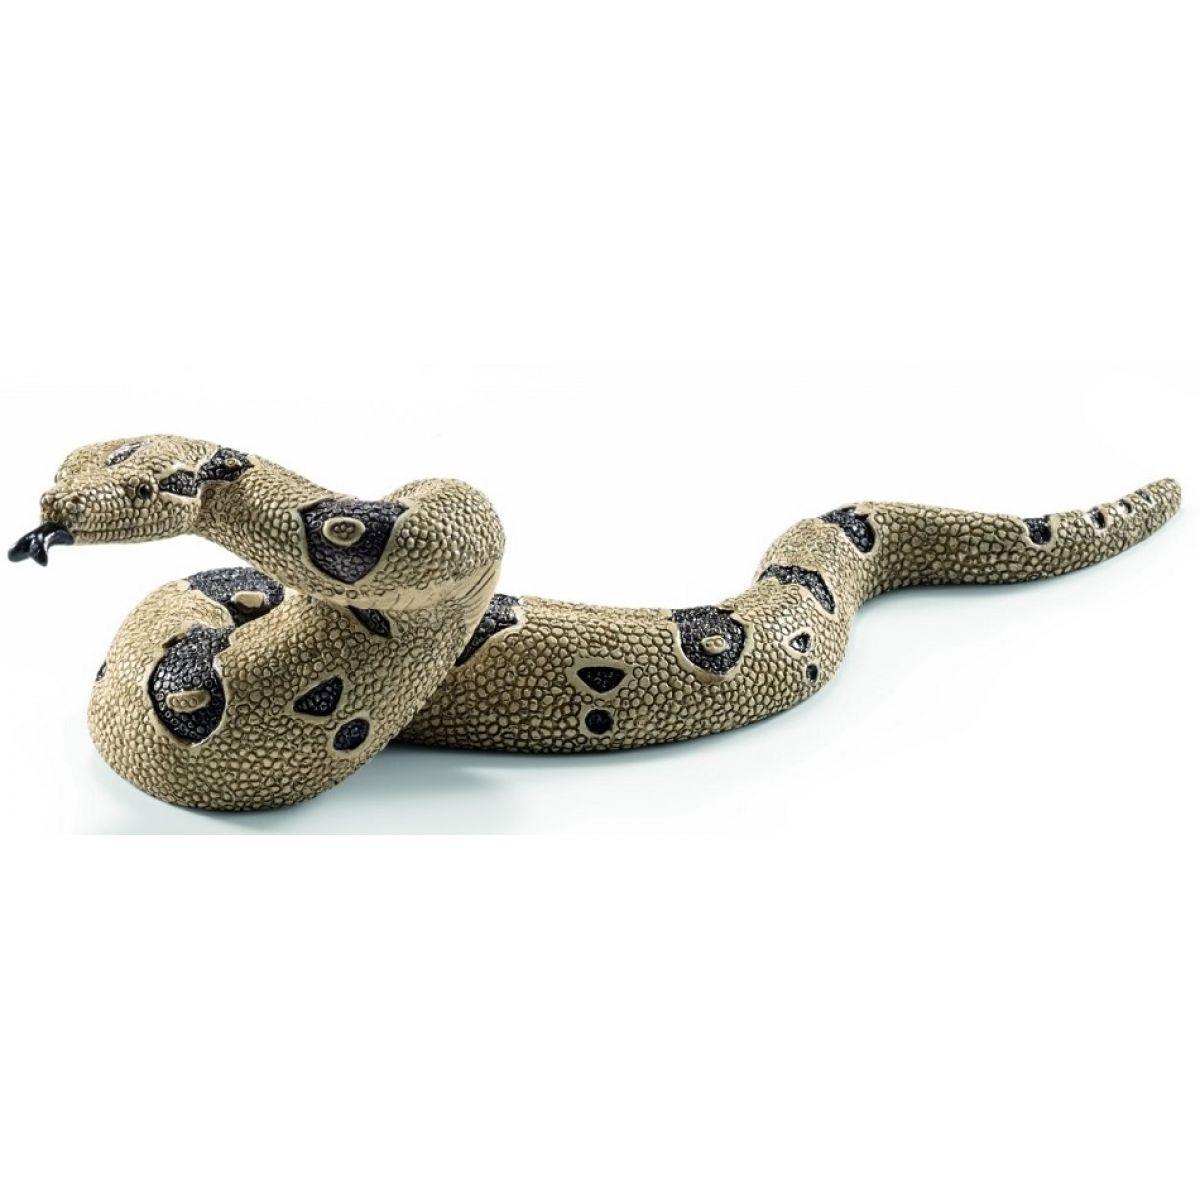 Schleich Wild Life Boa Constrictor